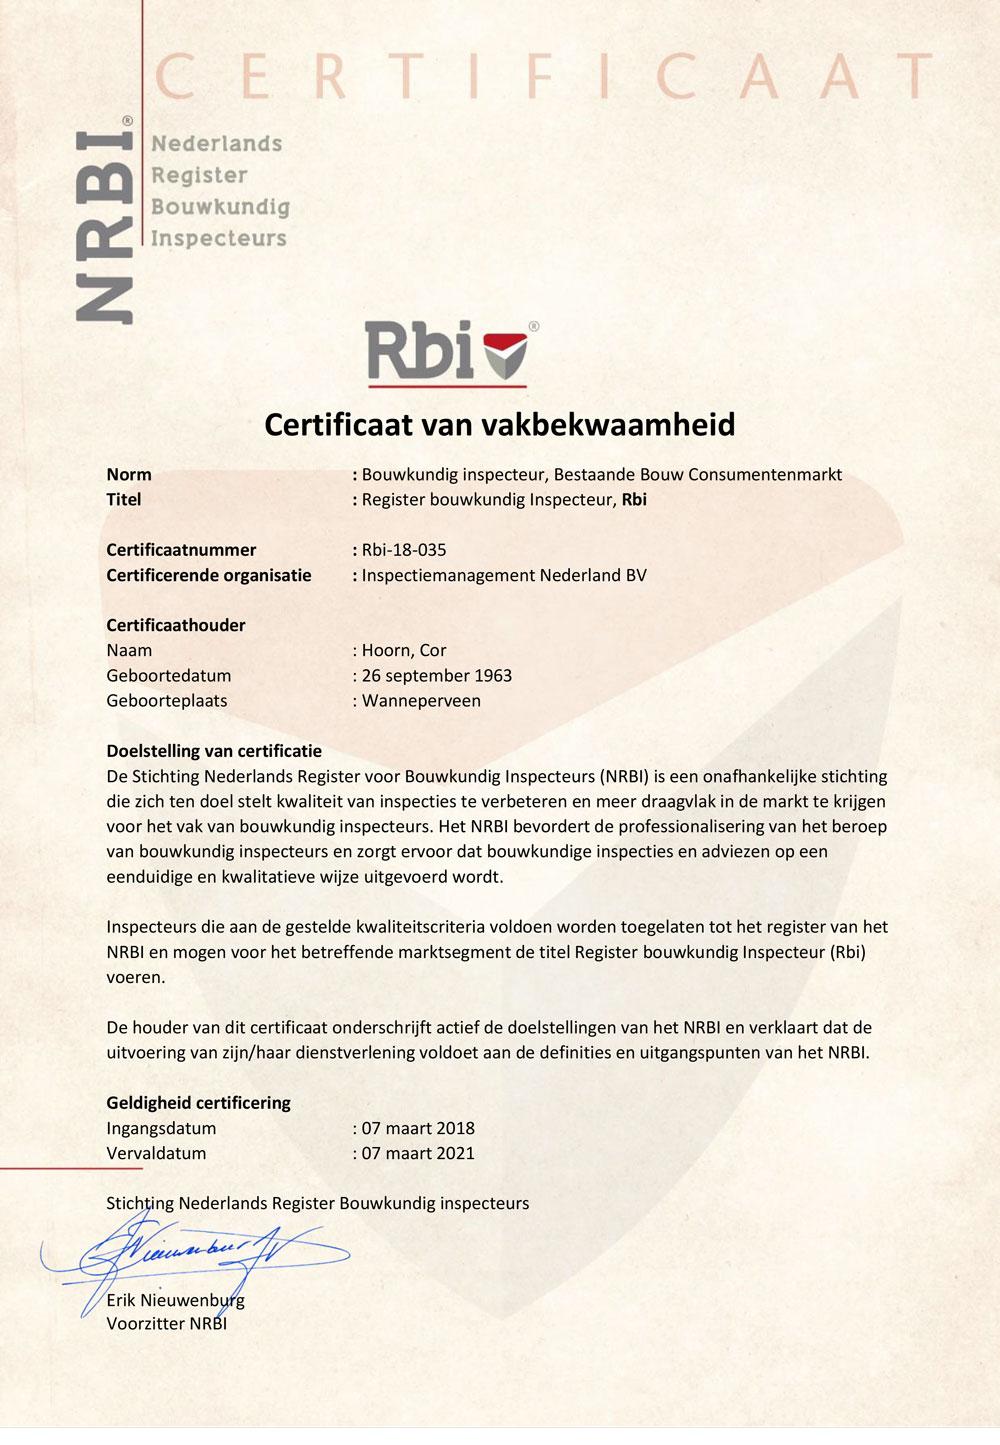 18-035-Certificaat-van-vakbekwaamheid